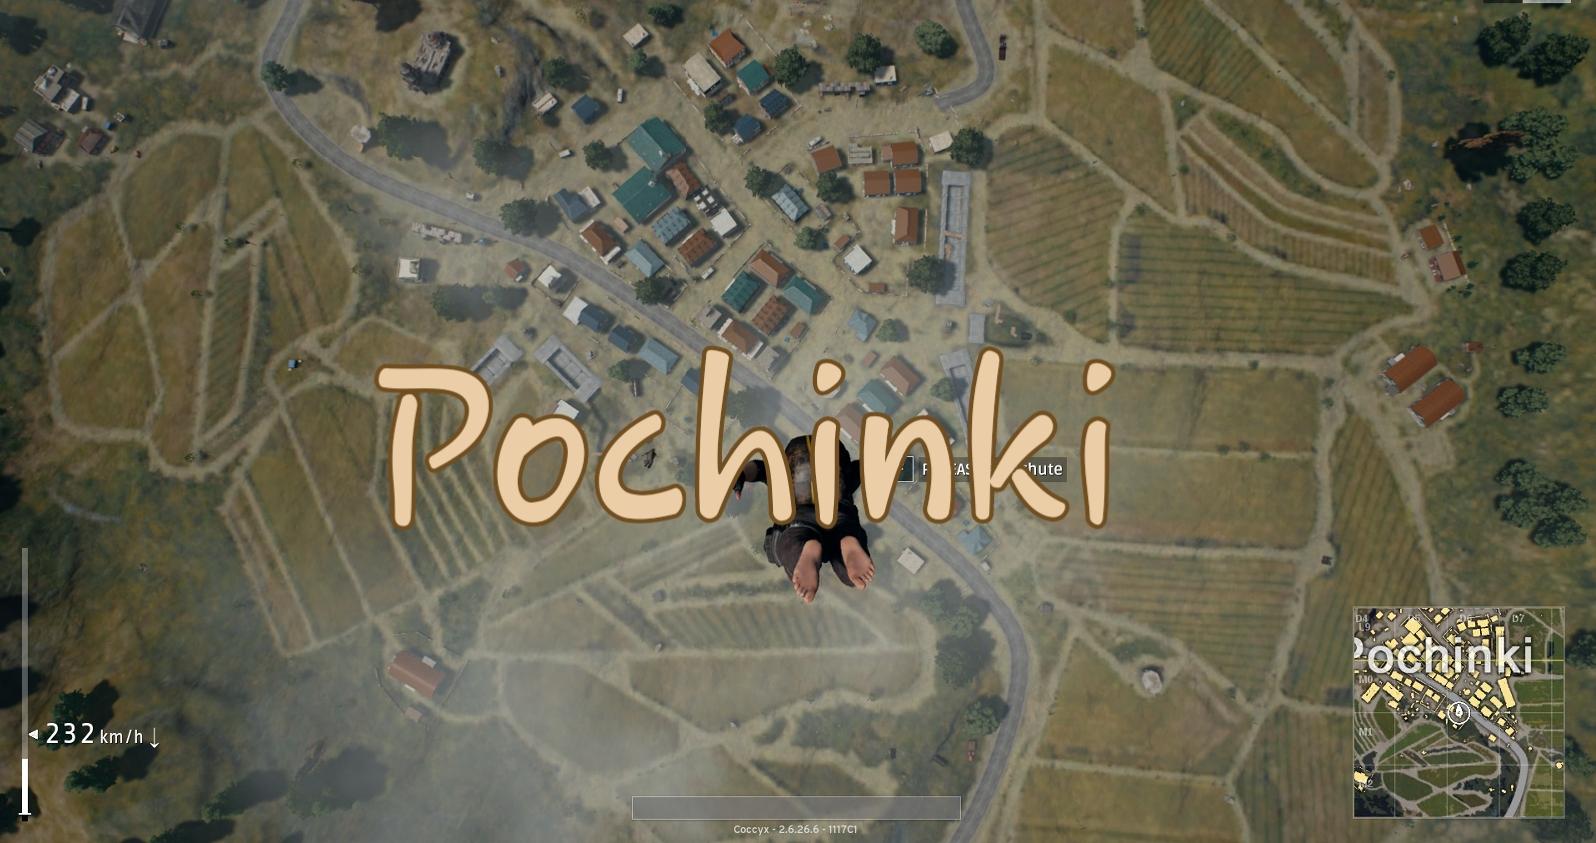 Why are PUBG players afraid of Pochinki?